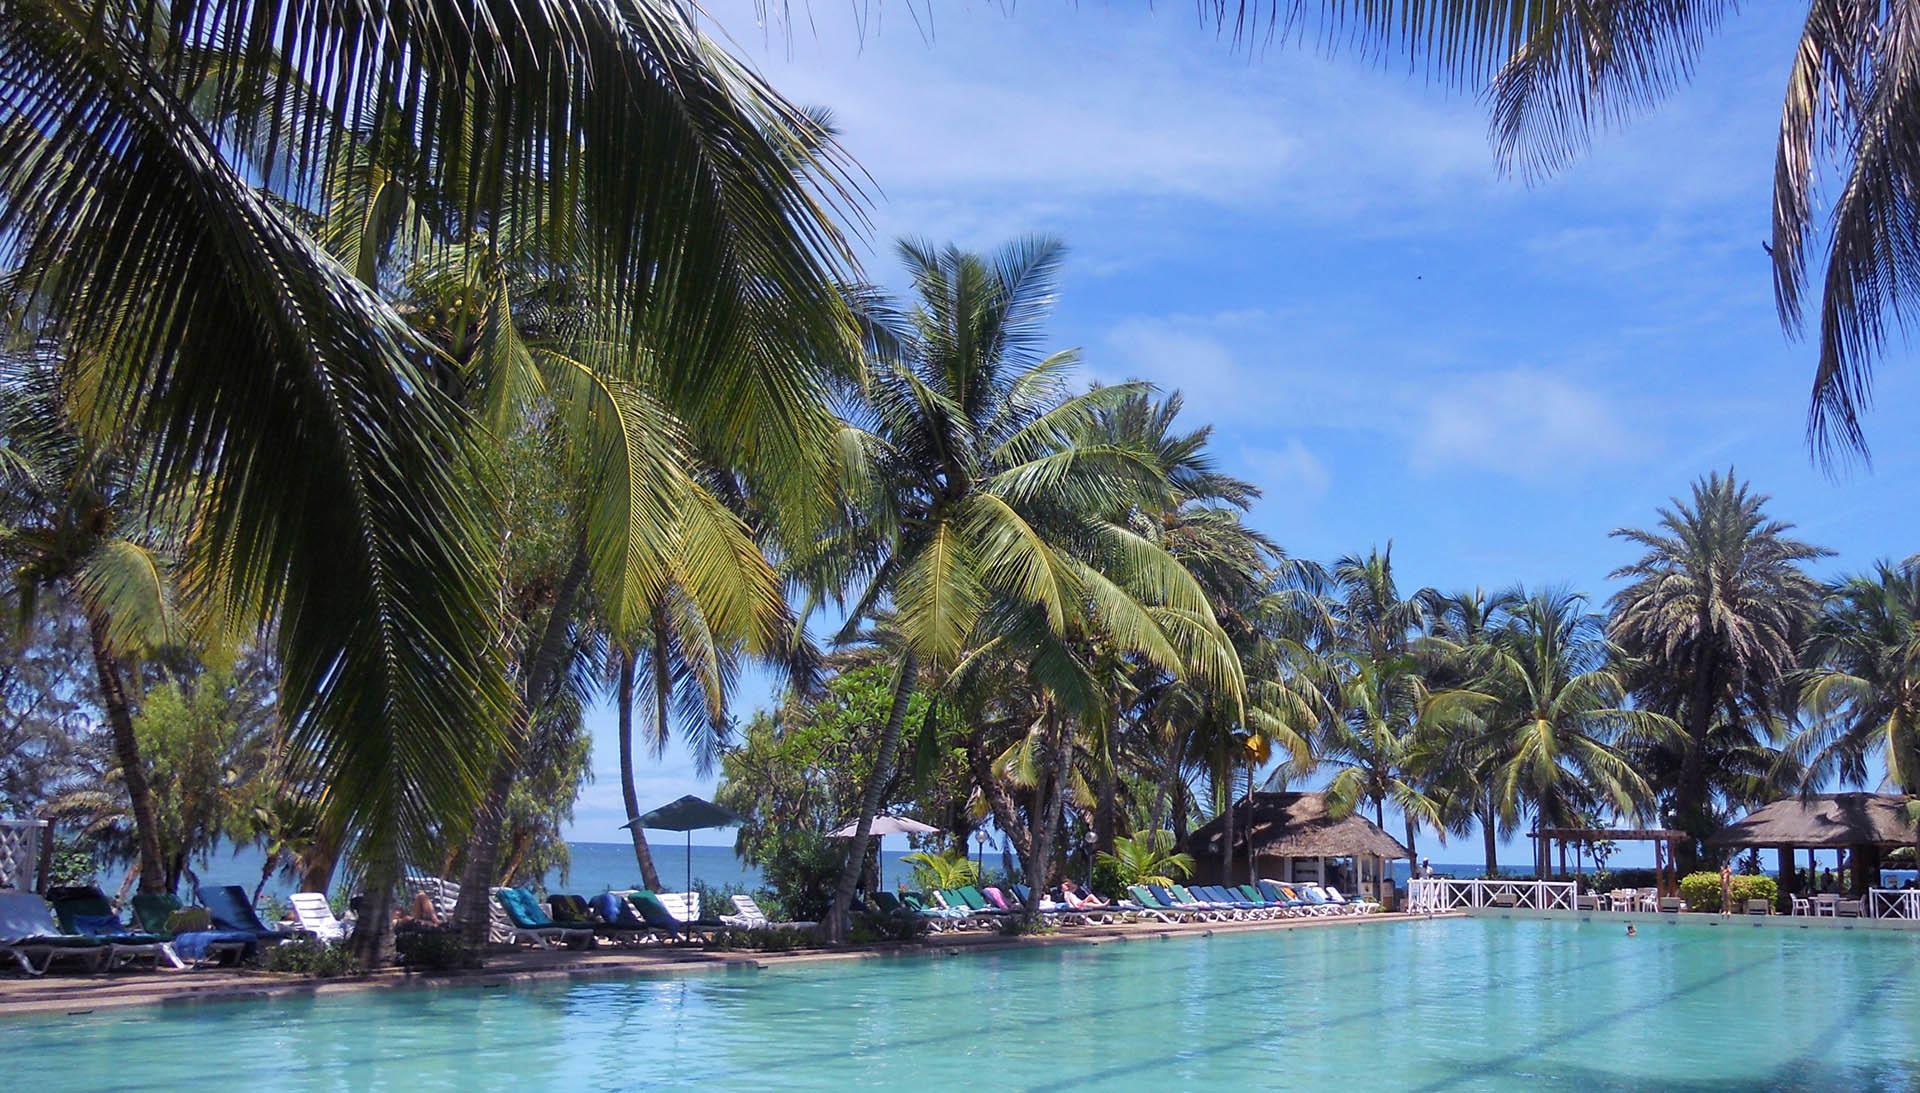 Hotel Jardin Savana Dakar | Luxury Beach Hotel In Dakar Senegal serapportantà Hotel Jardin Savana Dakar